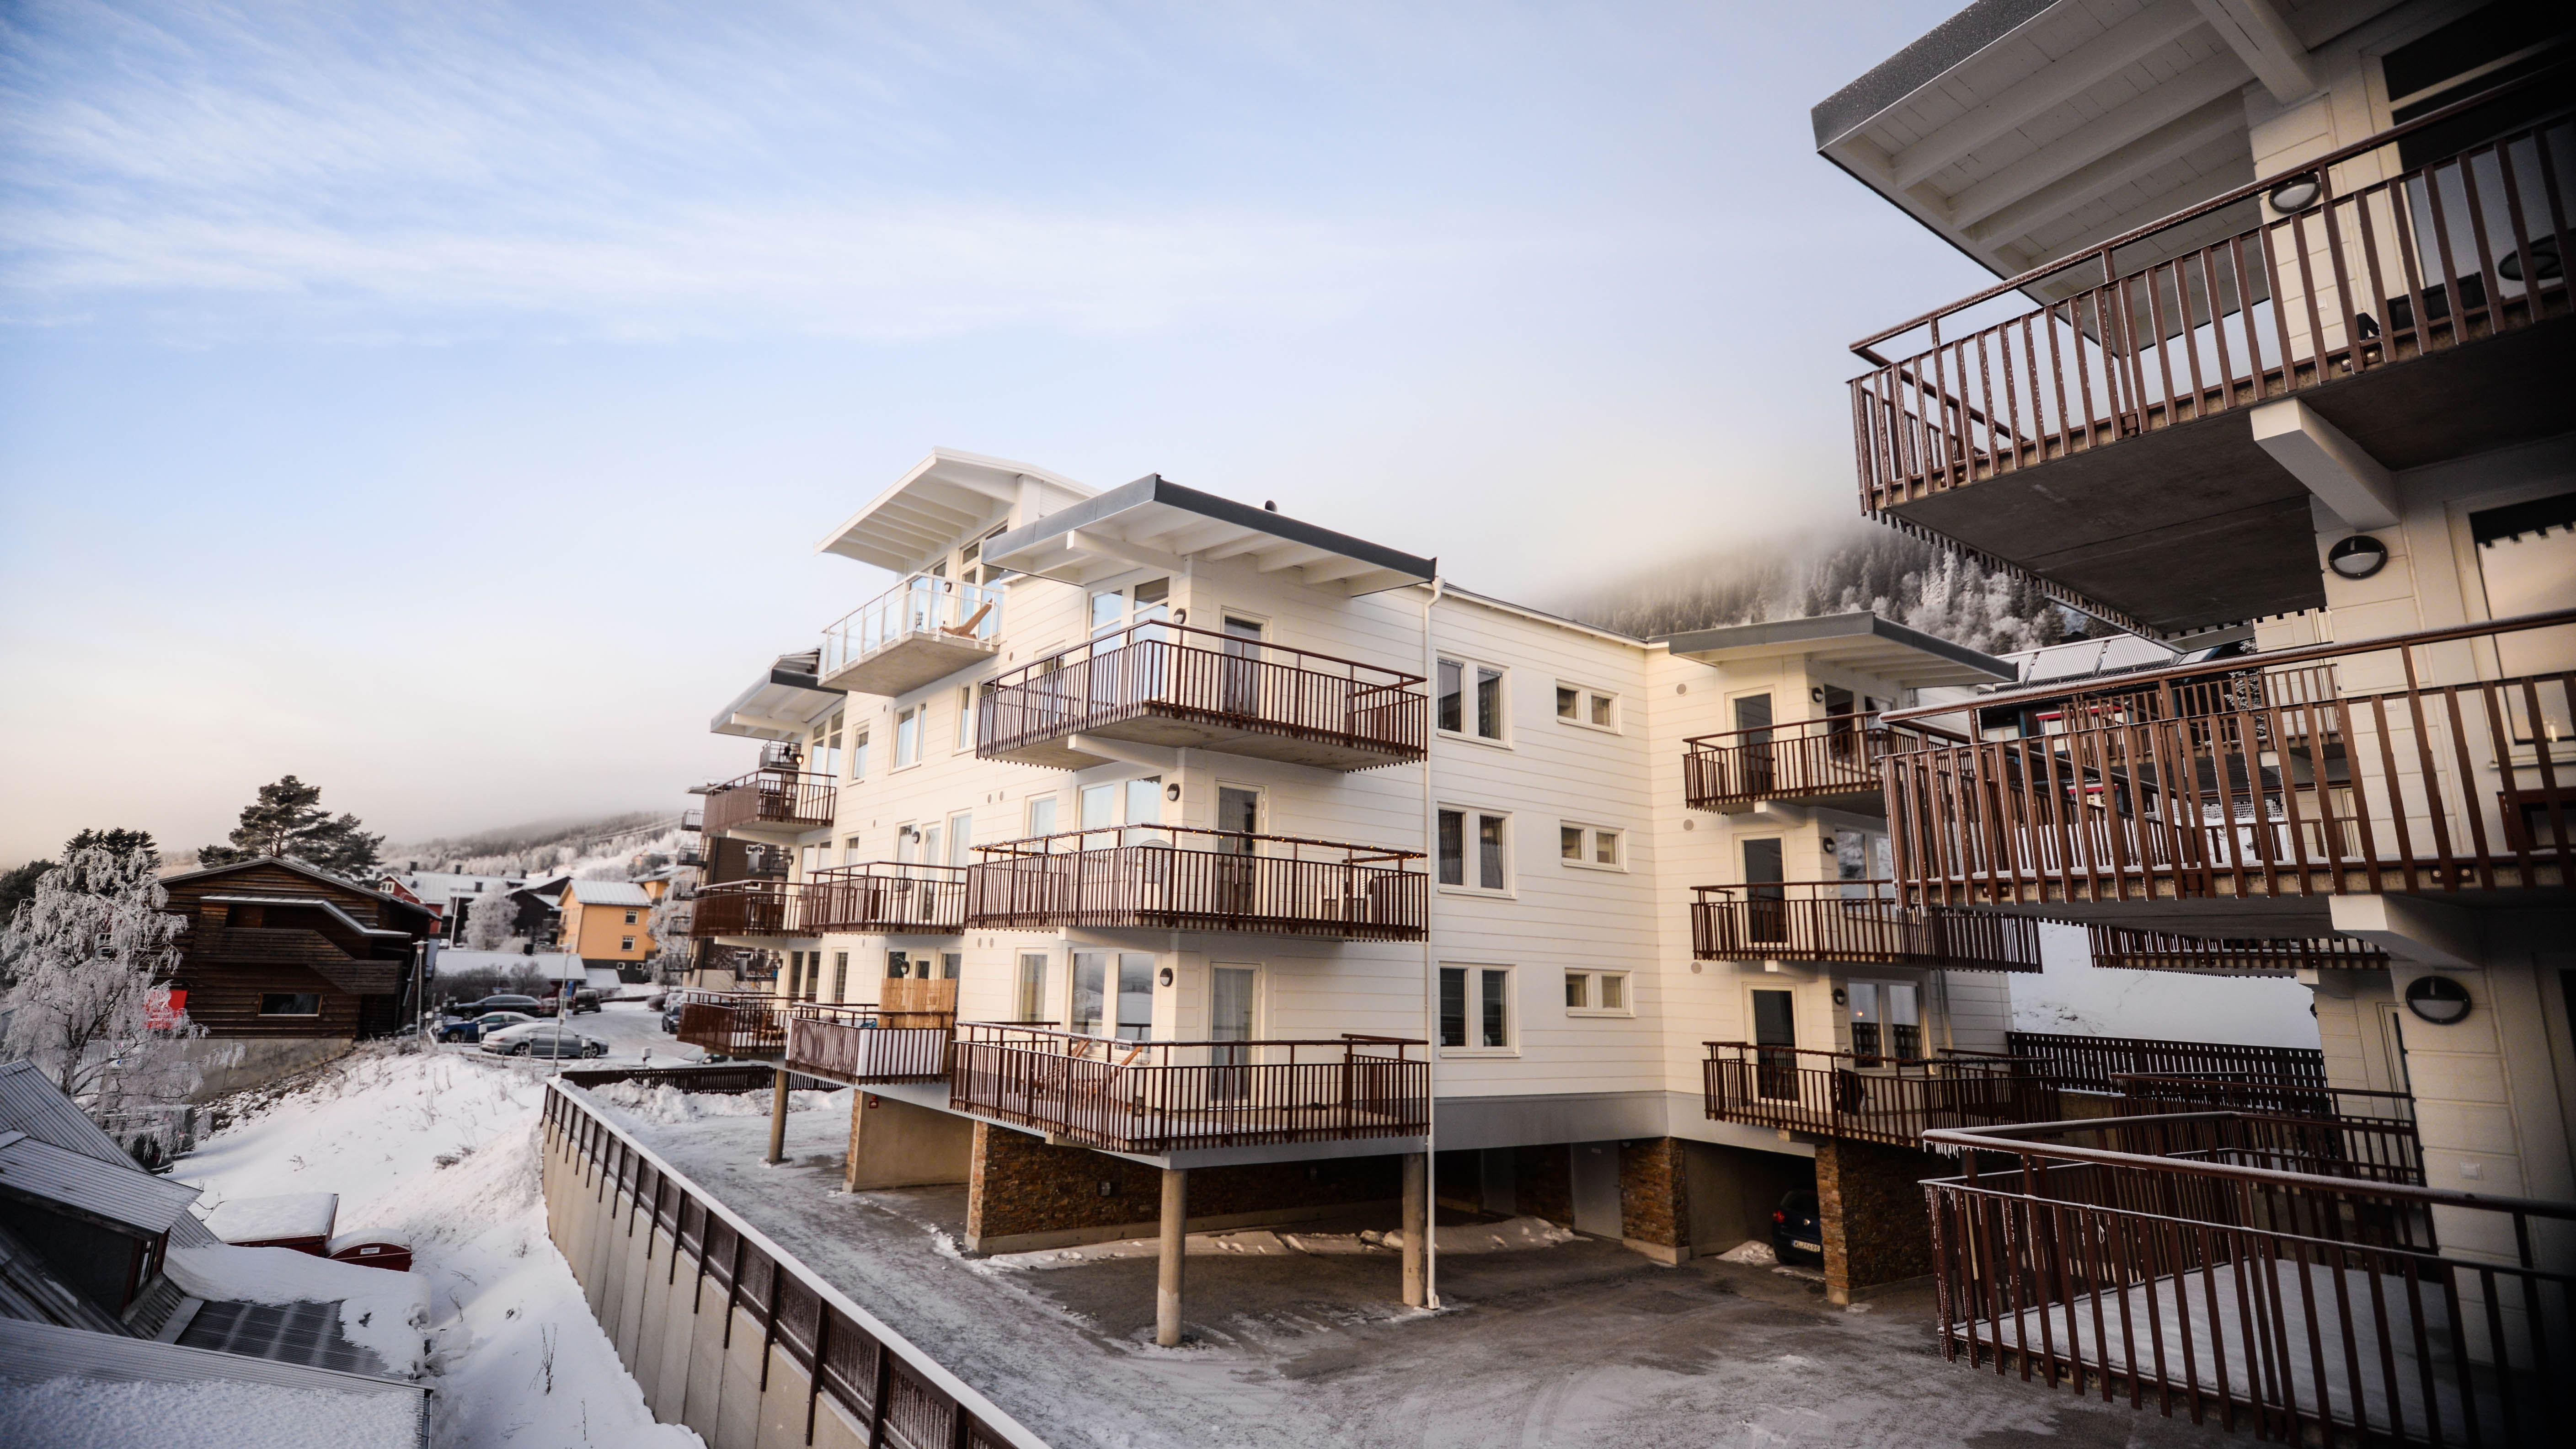 Årevägen 130 - Centrala lägenheter i Åre